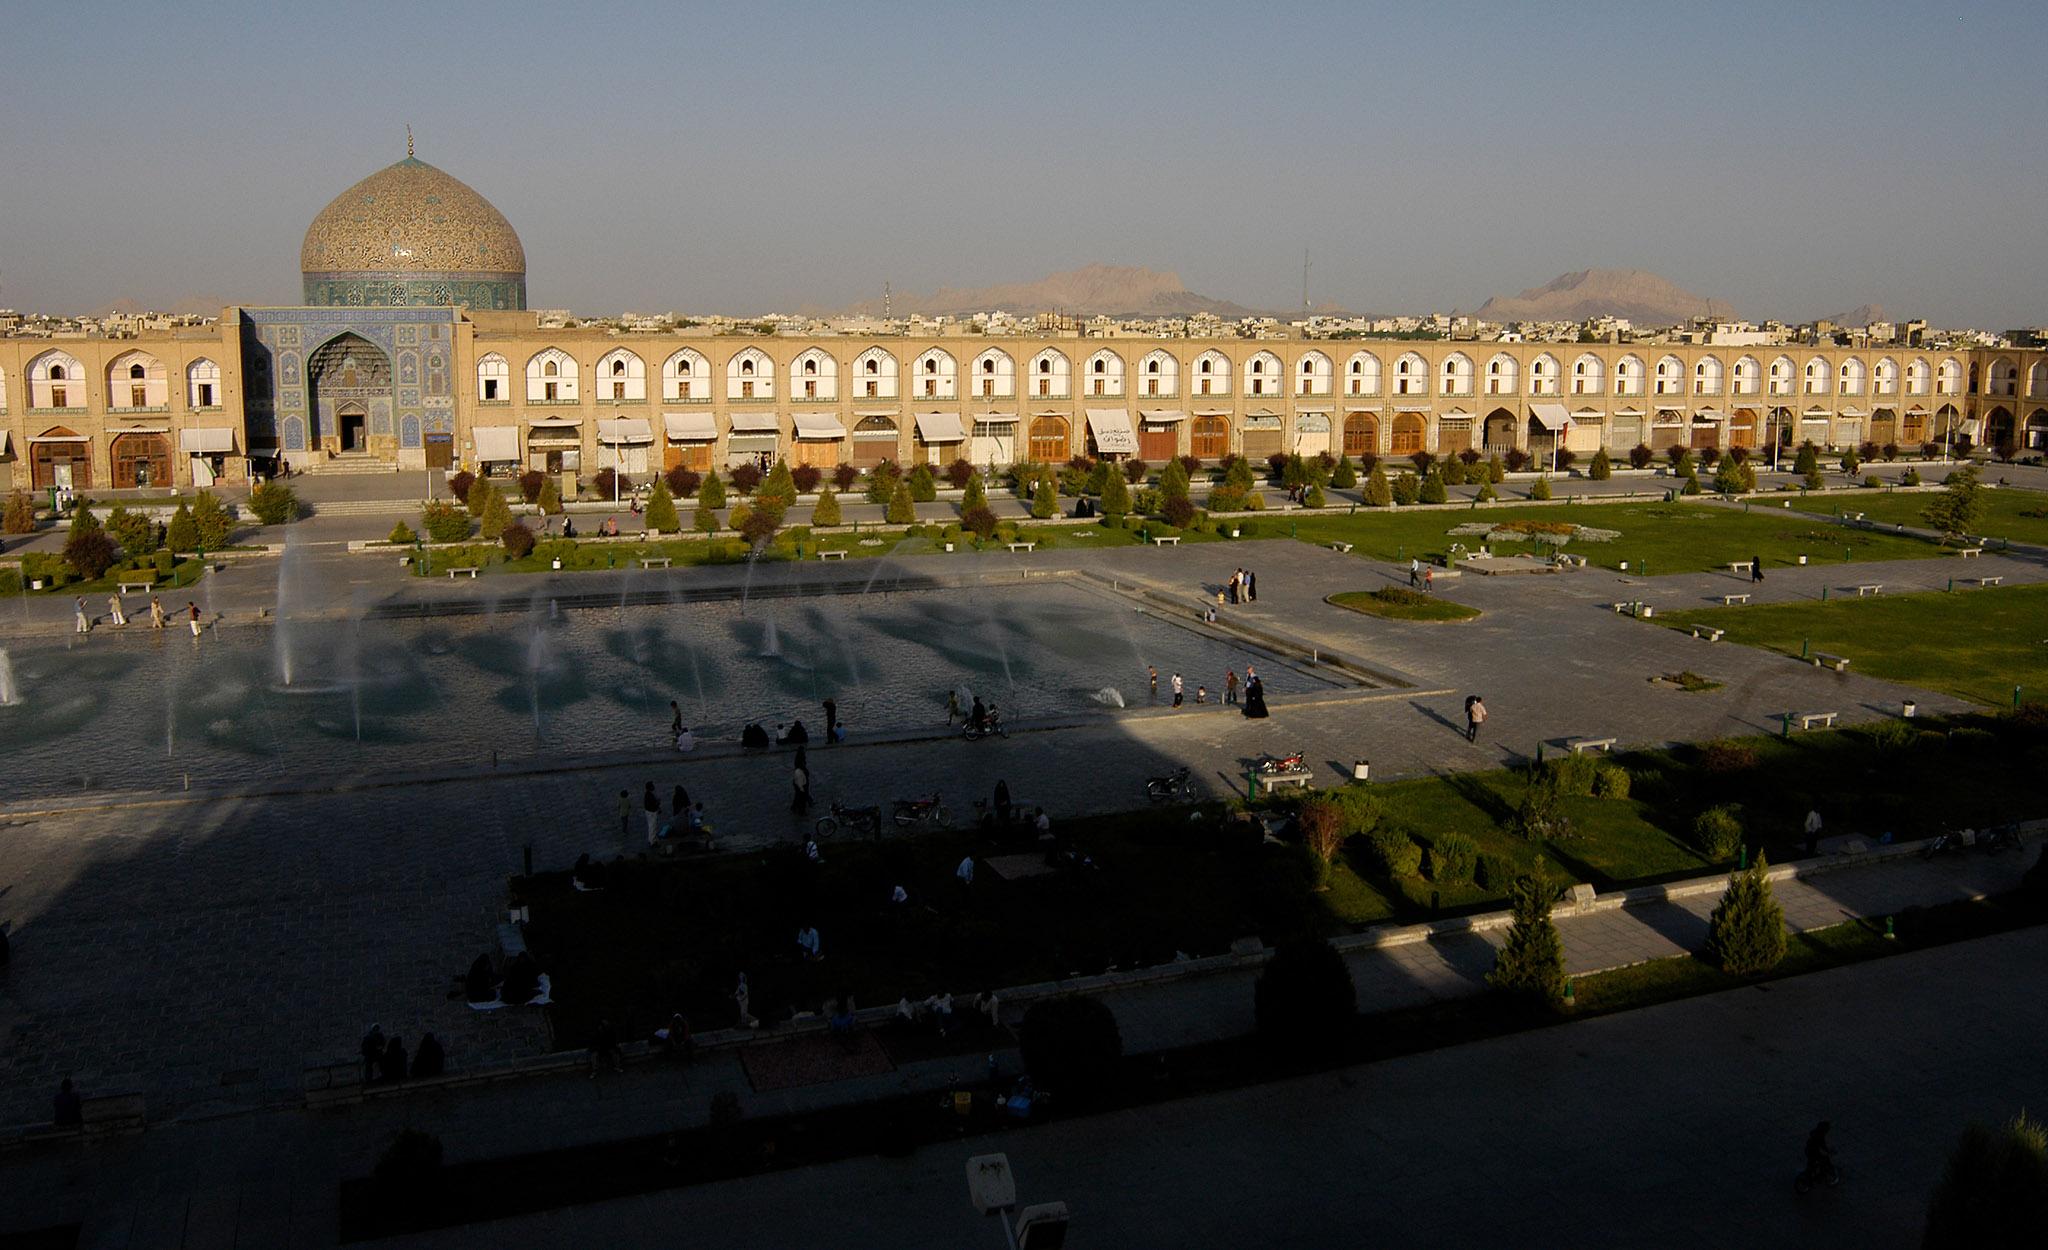 2005 / Iran, Esfahan Imam Square